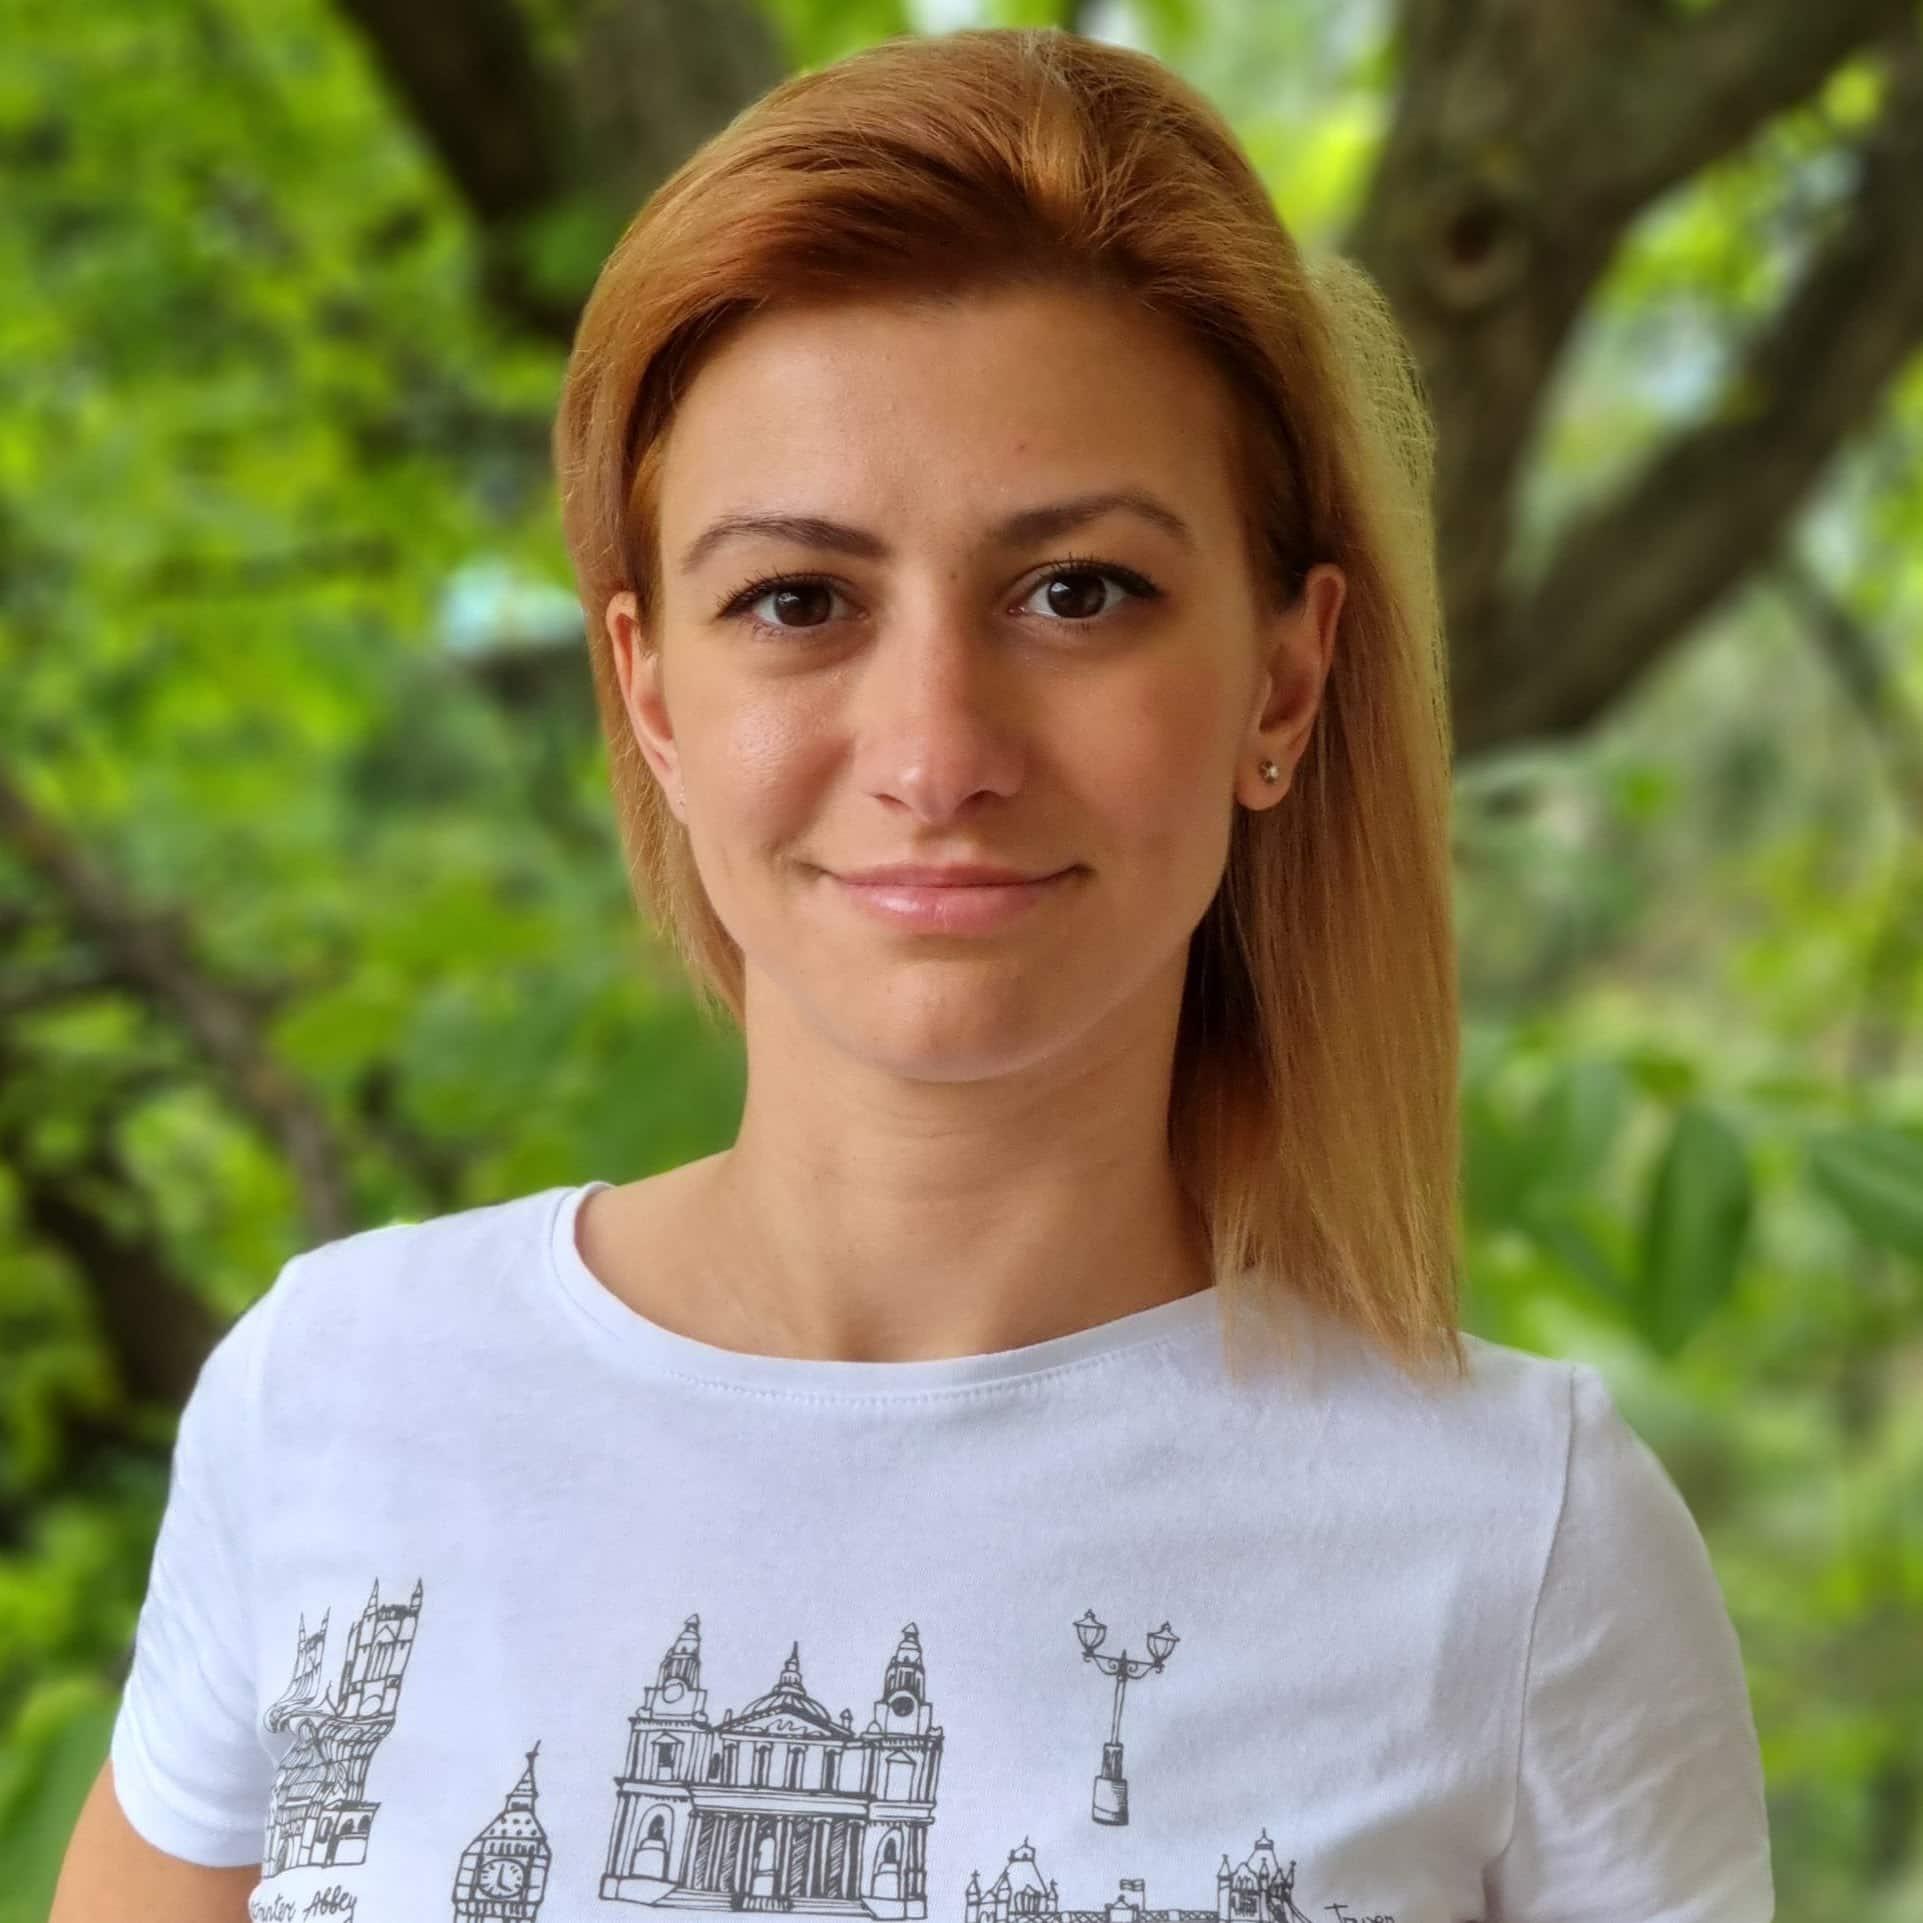 kristina-atanasova